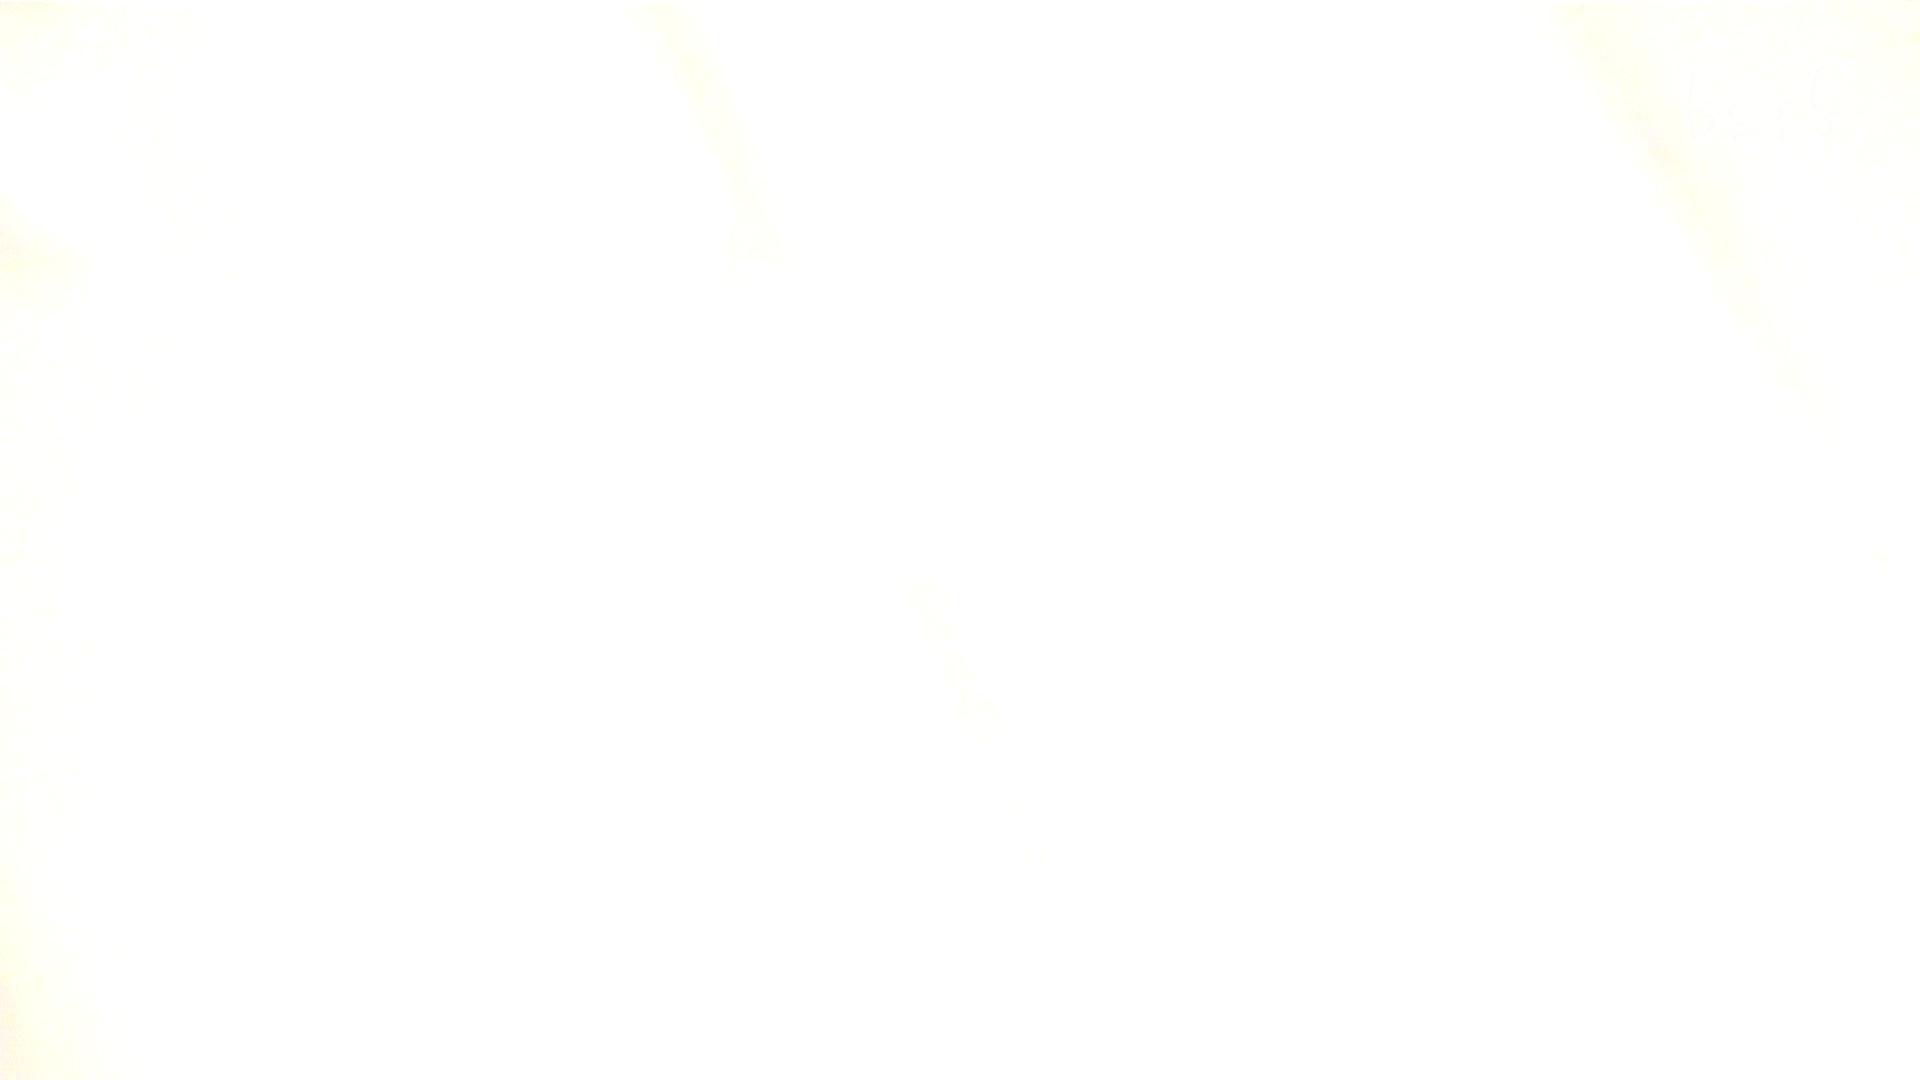 ナースのお小水 vol.005 OLセックス 覗きぱこり動画紹介 56画像 17